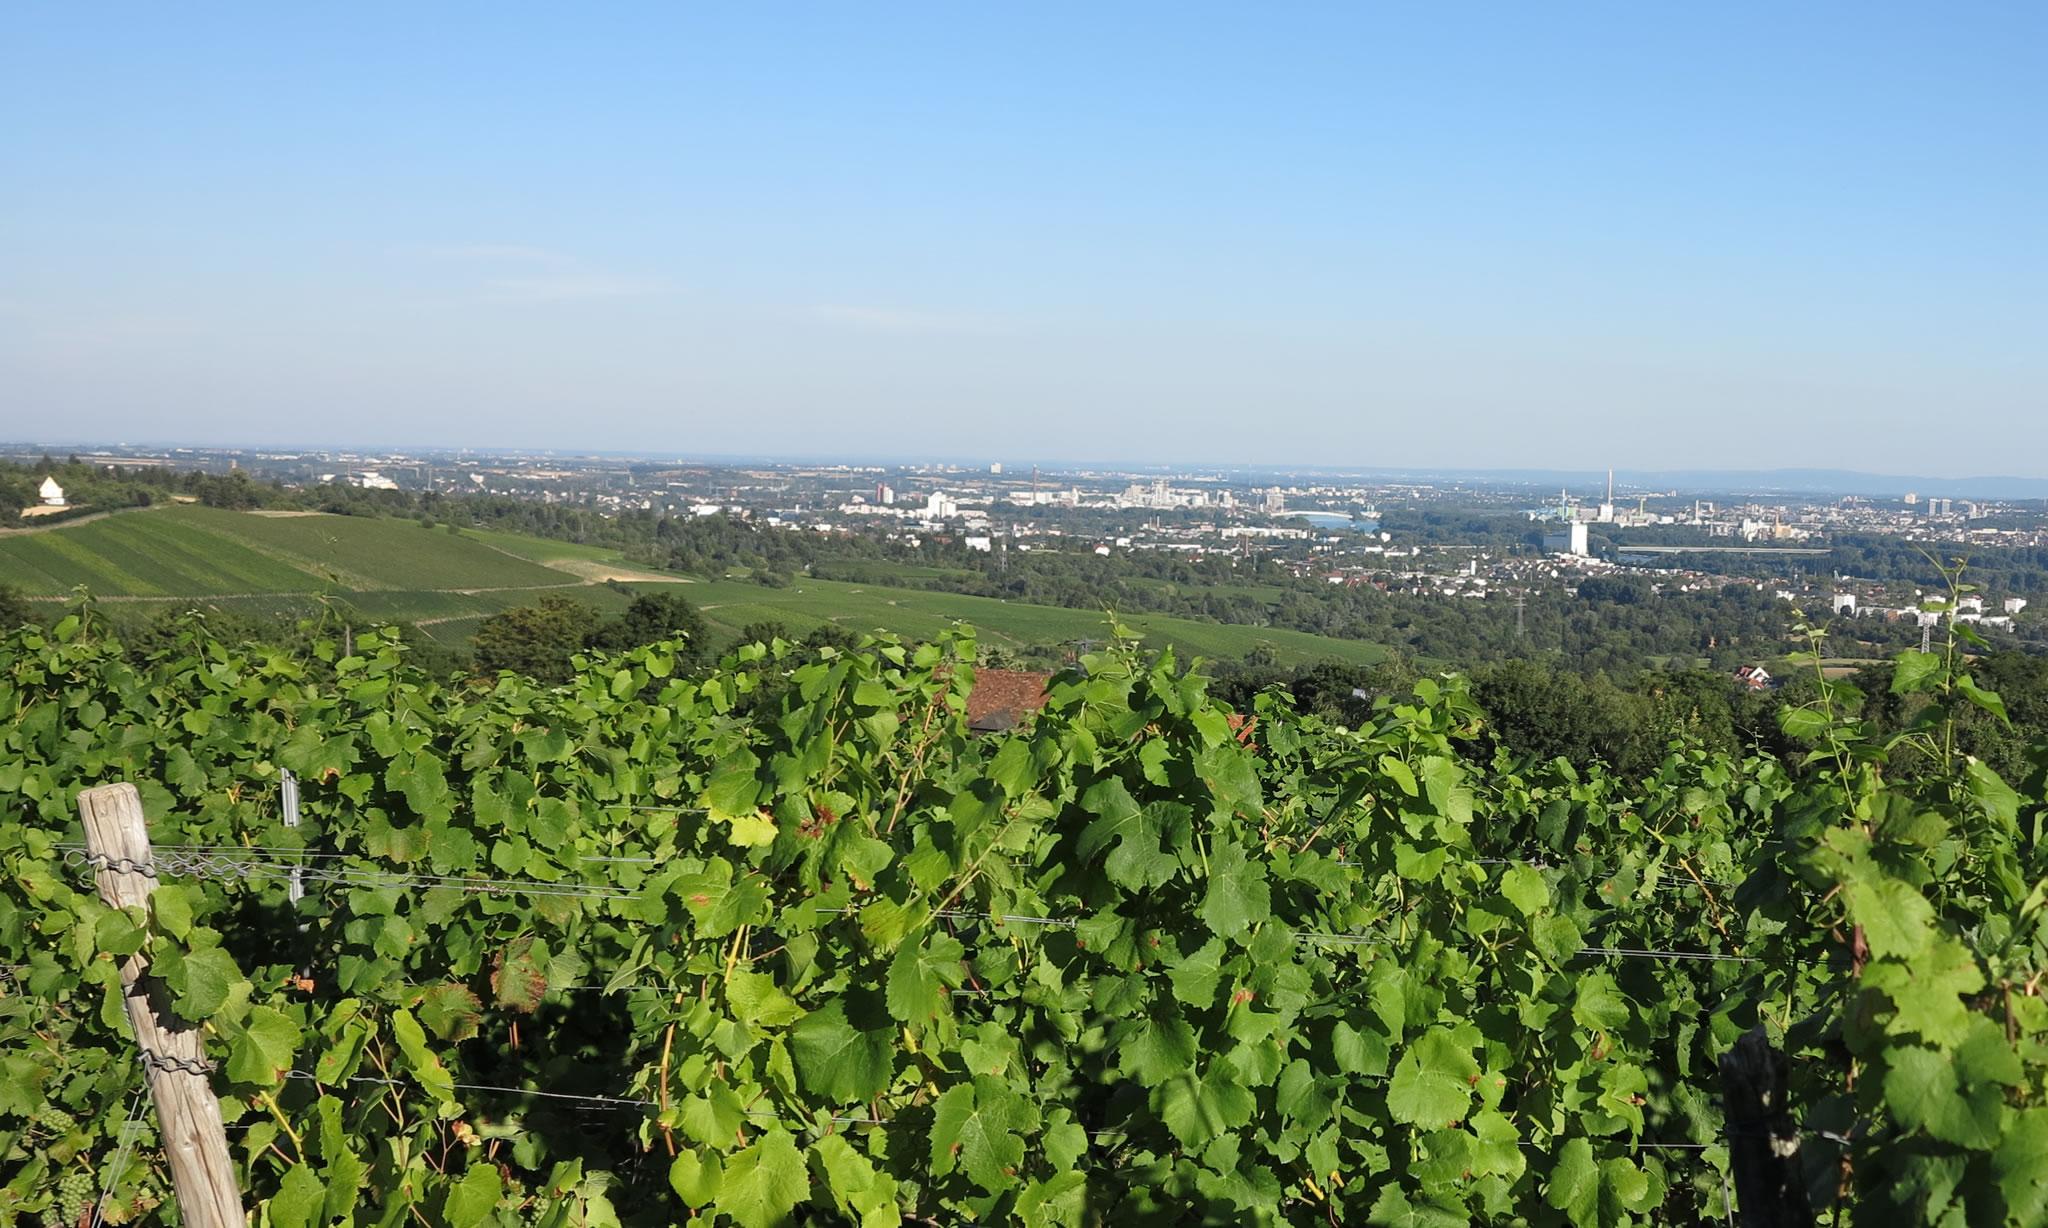 Vineyards near Walluf